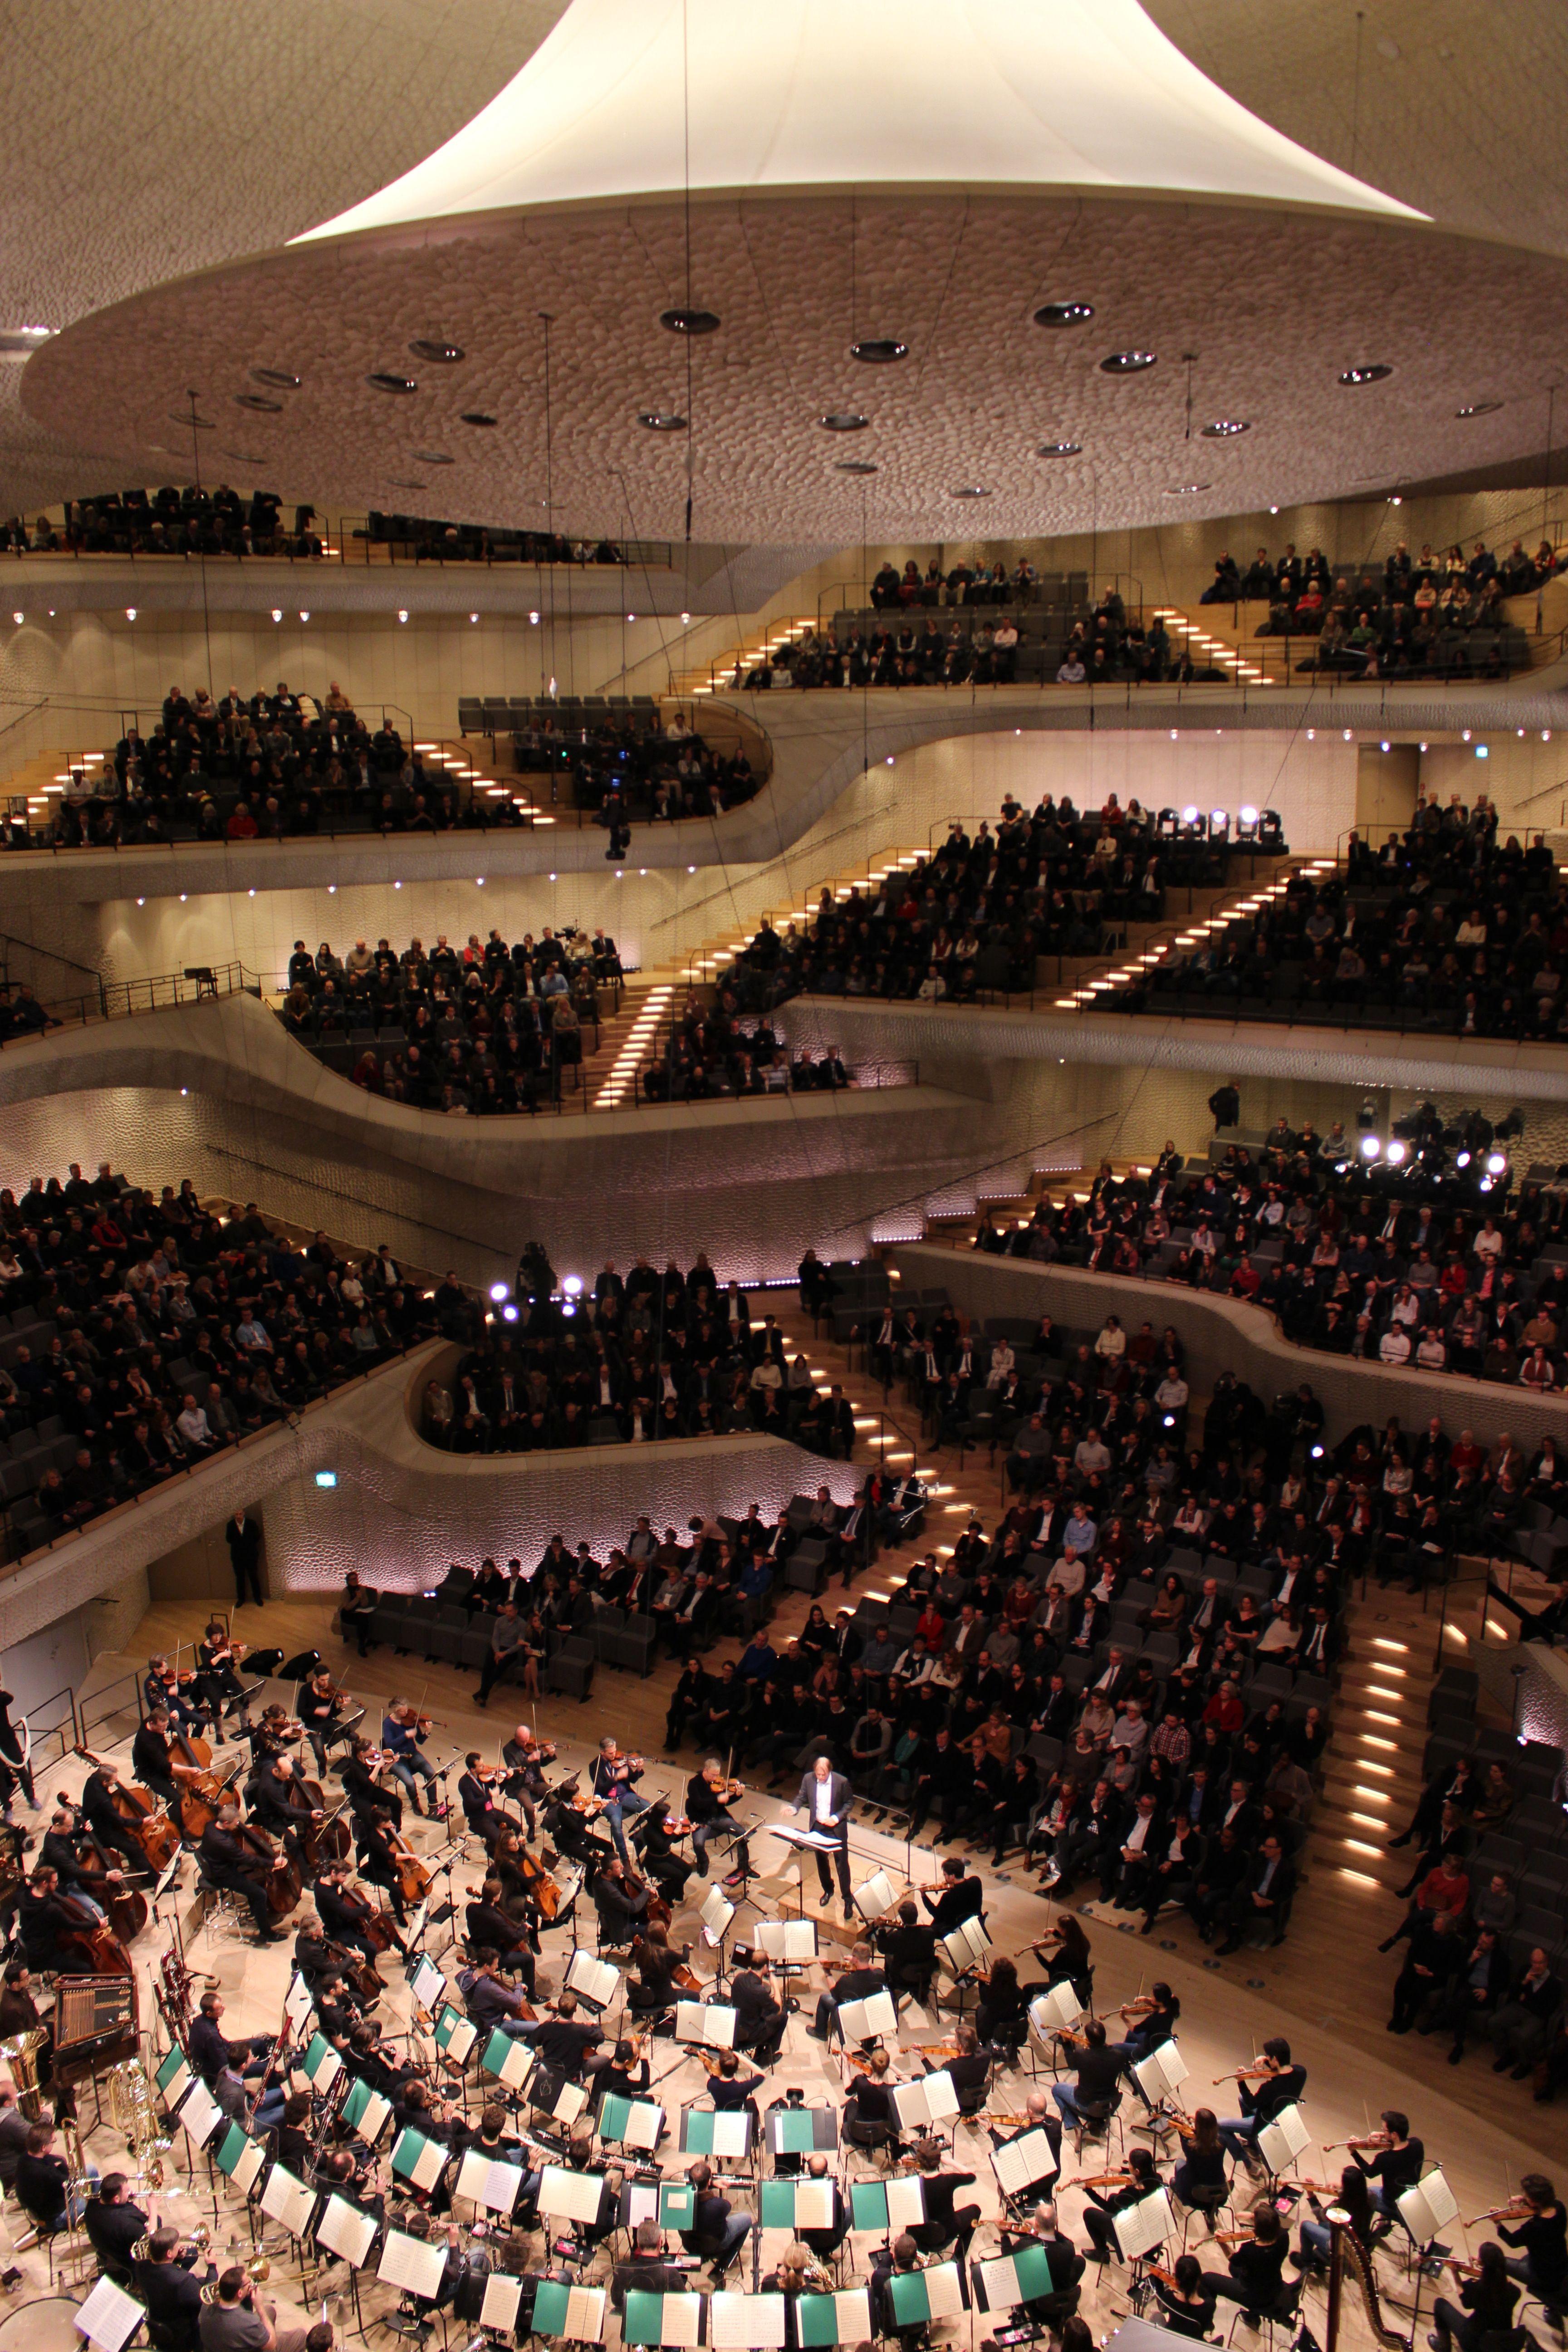 Ein Live Konzert In Der Elbphilharmonie Ist Ein Muss Fur Jeden Hamburg Besucher Elphi Hafencity Hamburg Arquitectura